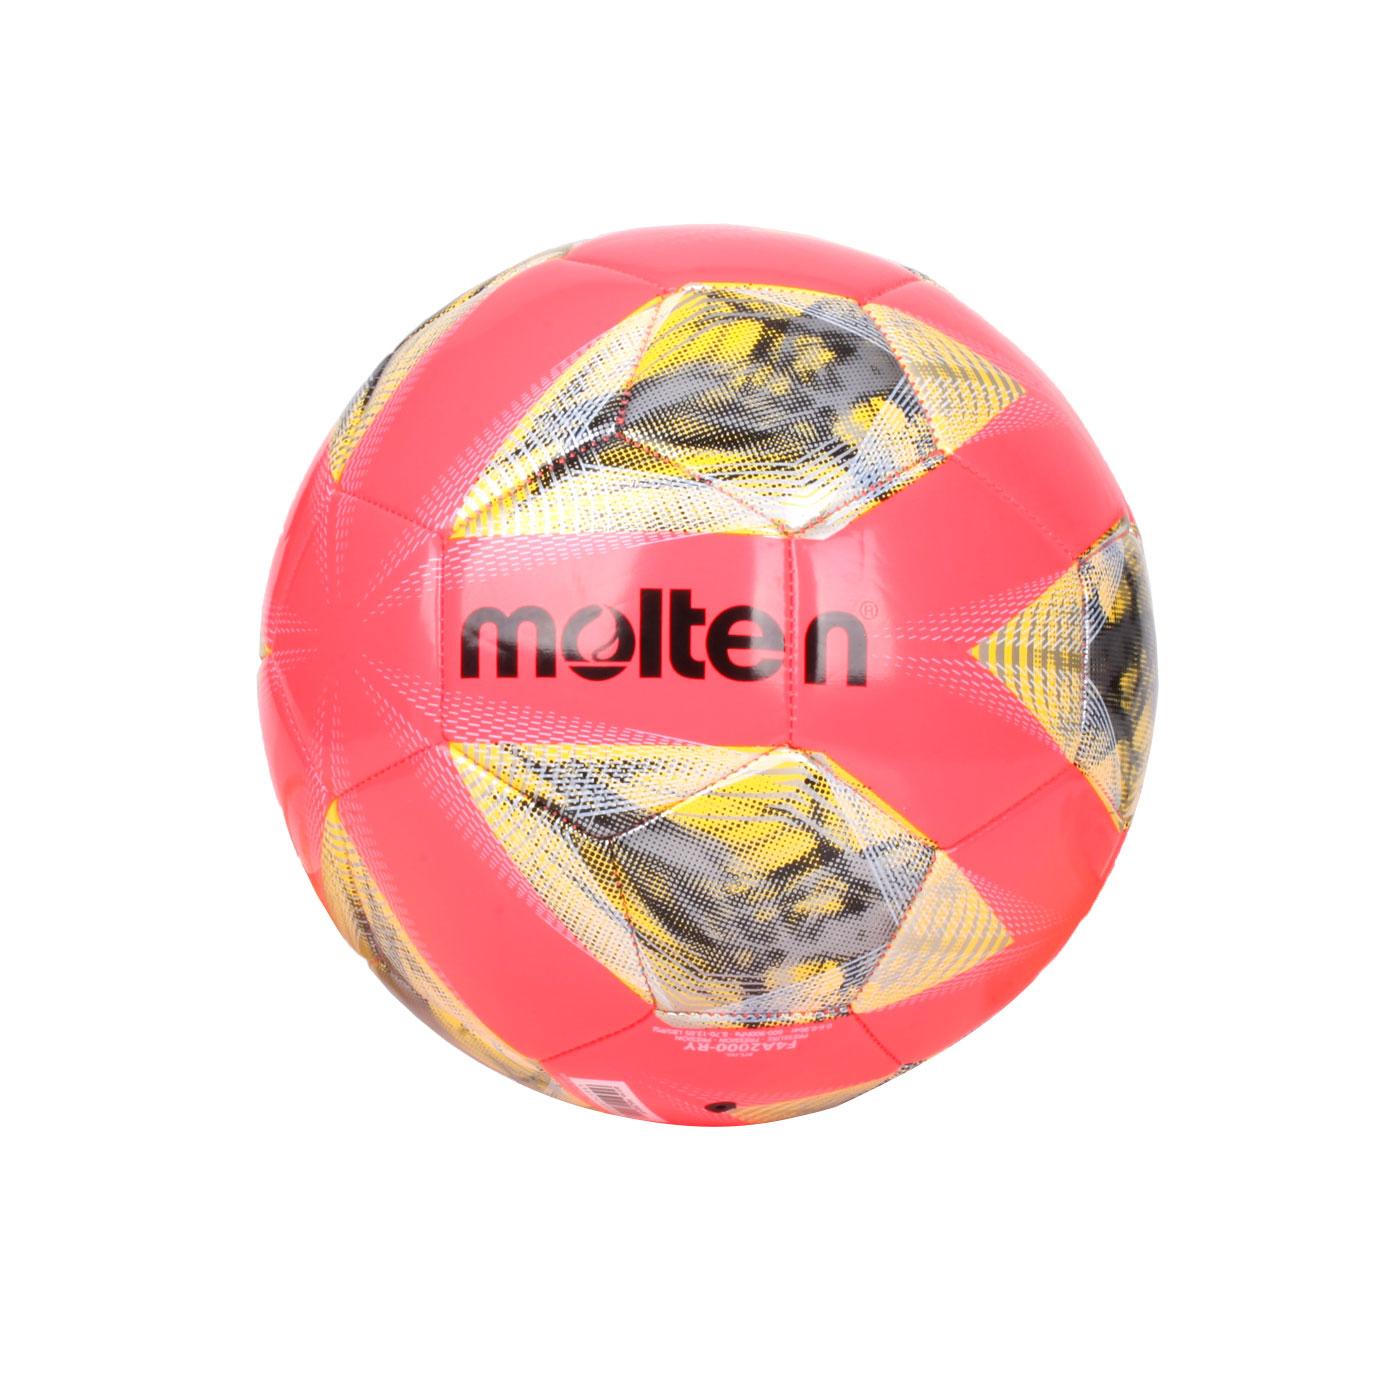 Molten #4合成皮足球 F4A2000 - 螢光粉黃銀